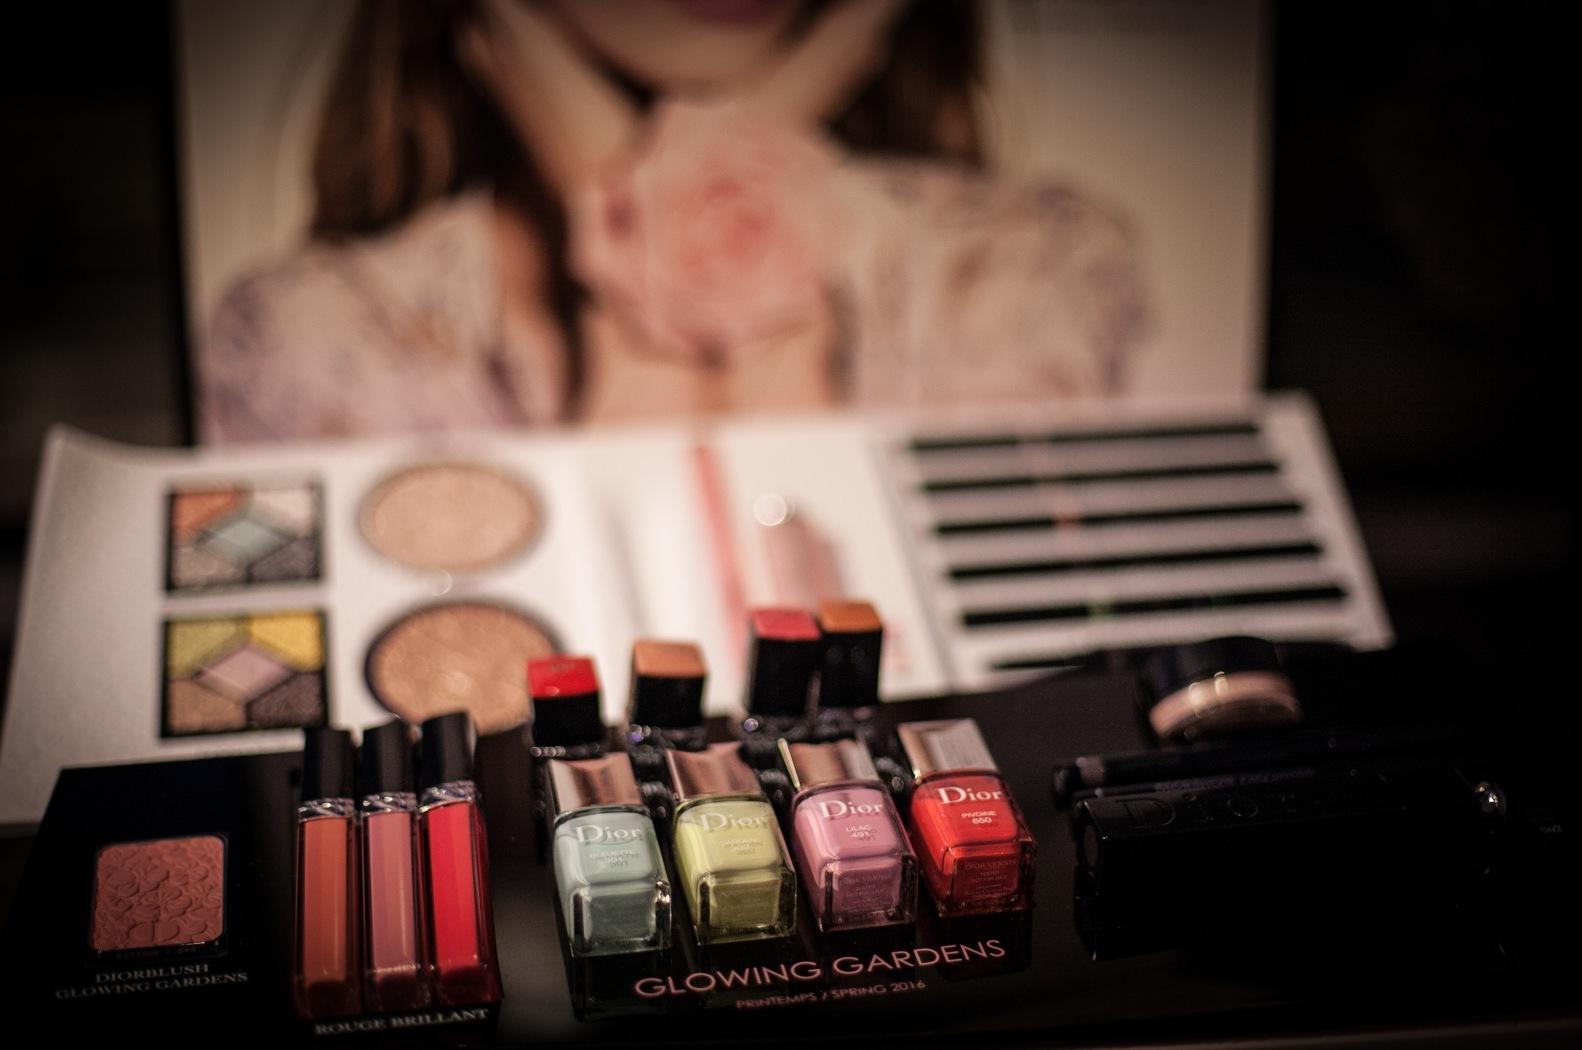 Dior presenterade sin härliga vår makeup på Daisy Beautys Exo 2016. Man vill ha typ allt. Gillar den gröna nyansen som kommer i flera märkens ögonskuggor i sommar.